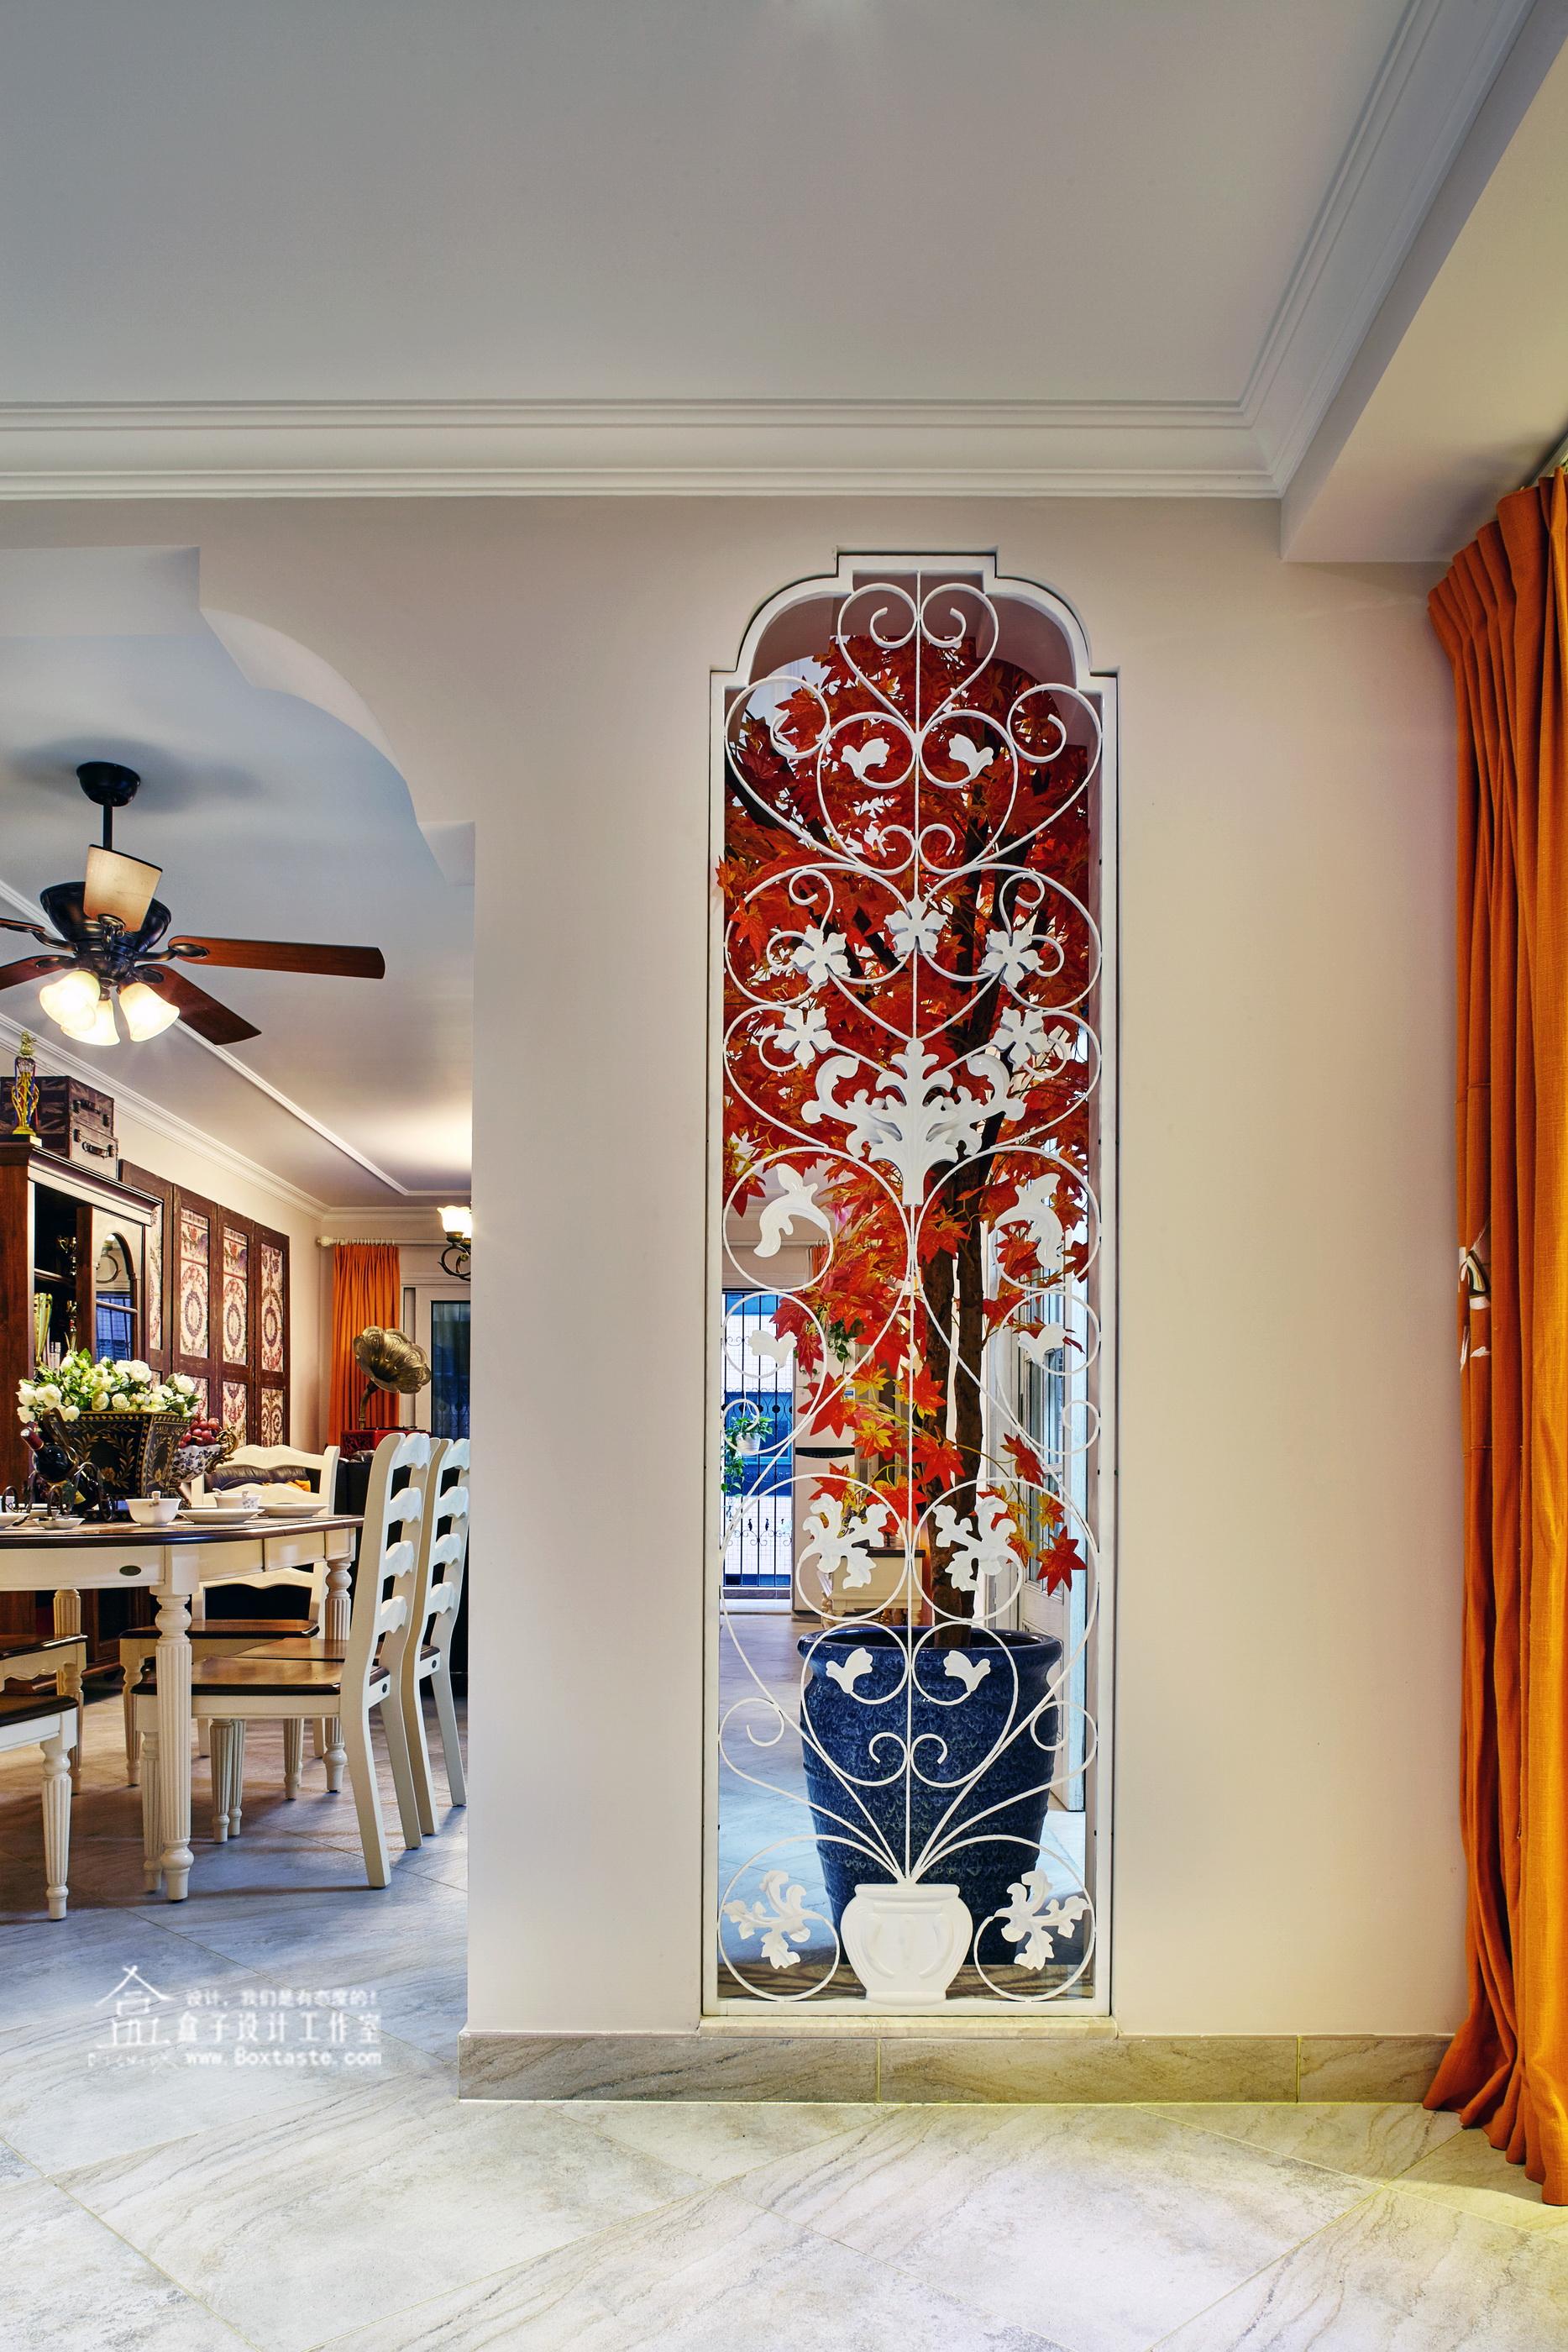 美式 三居 欧式 客厅图片来自盒子设计在都市华尔兹——盒子新作的分享